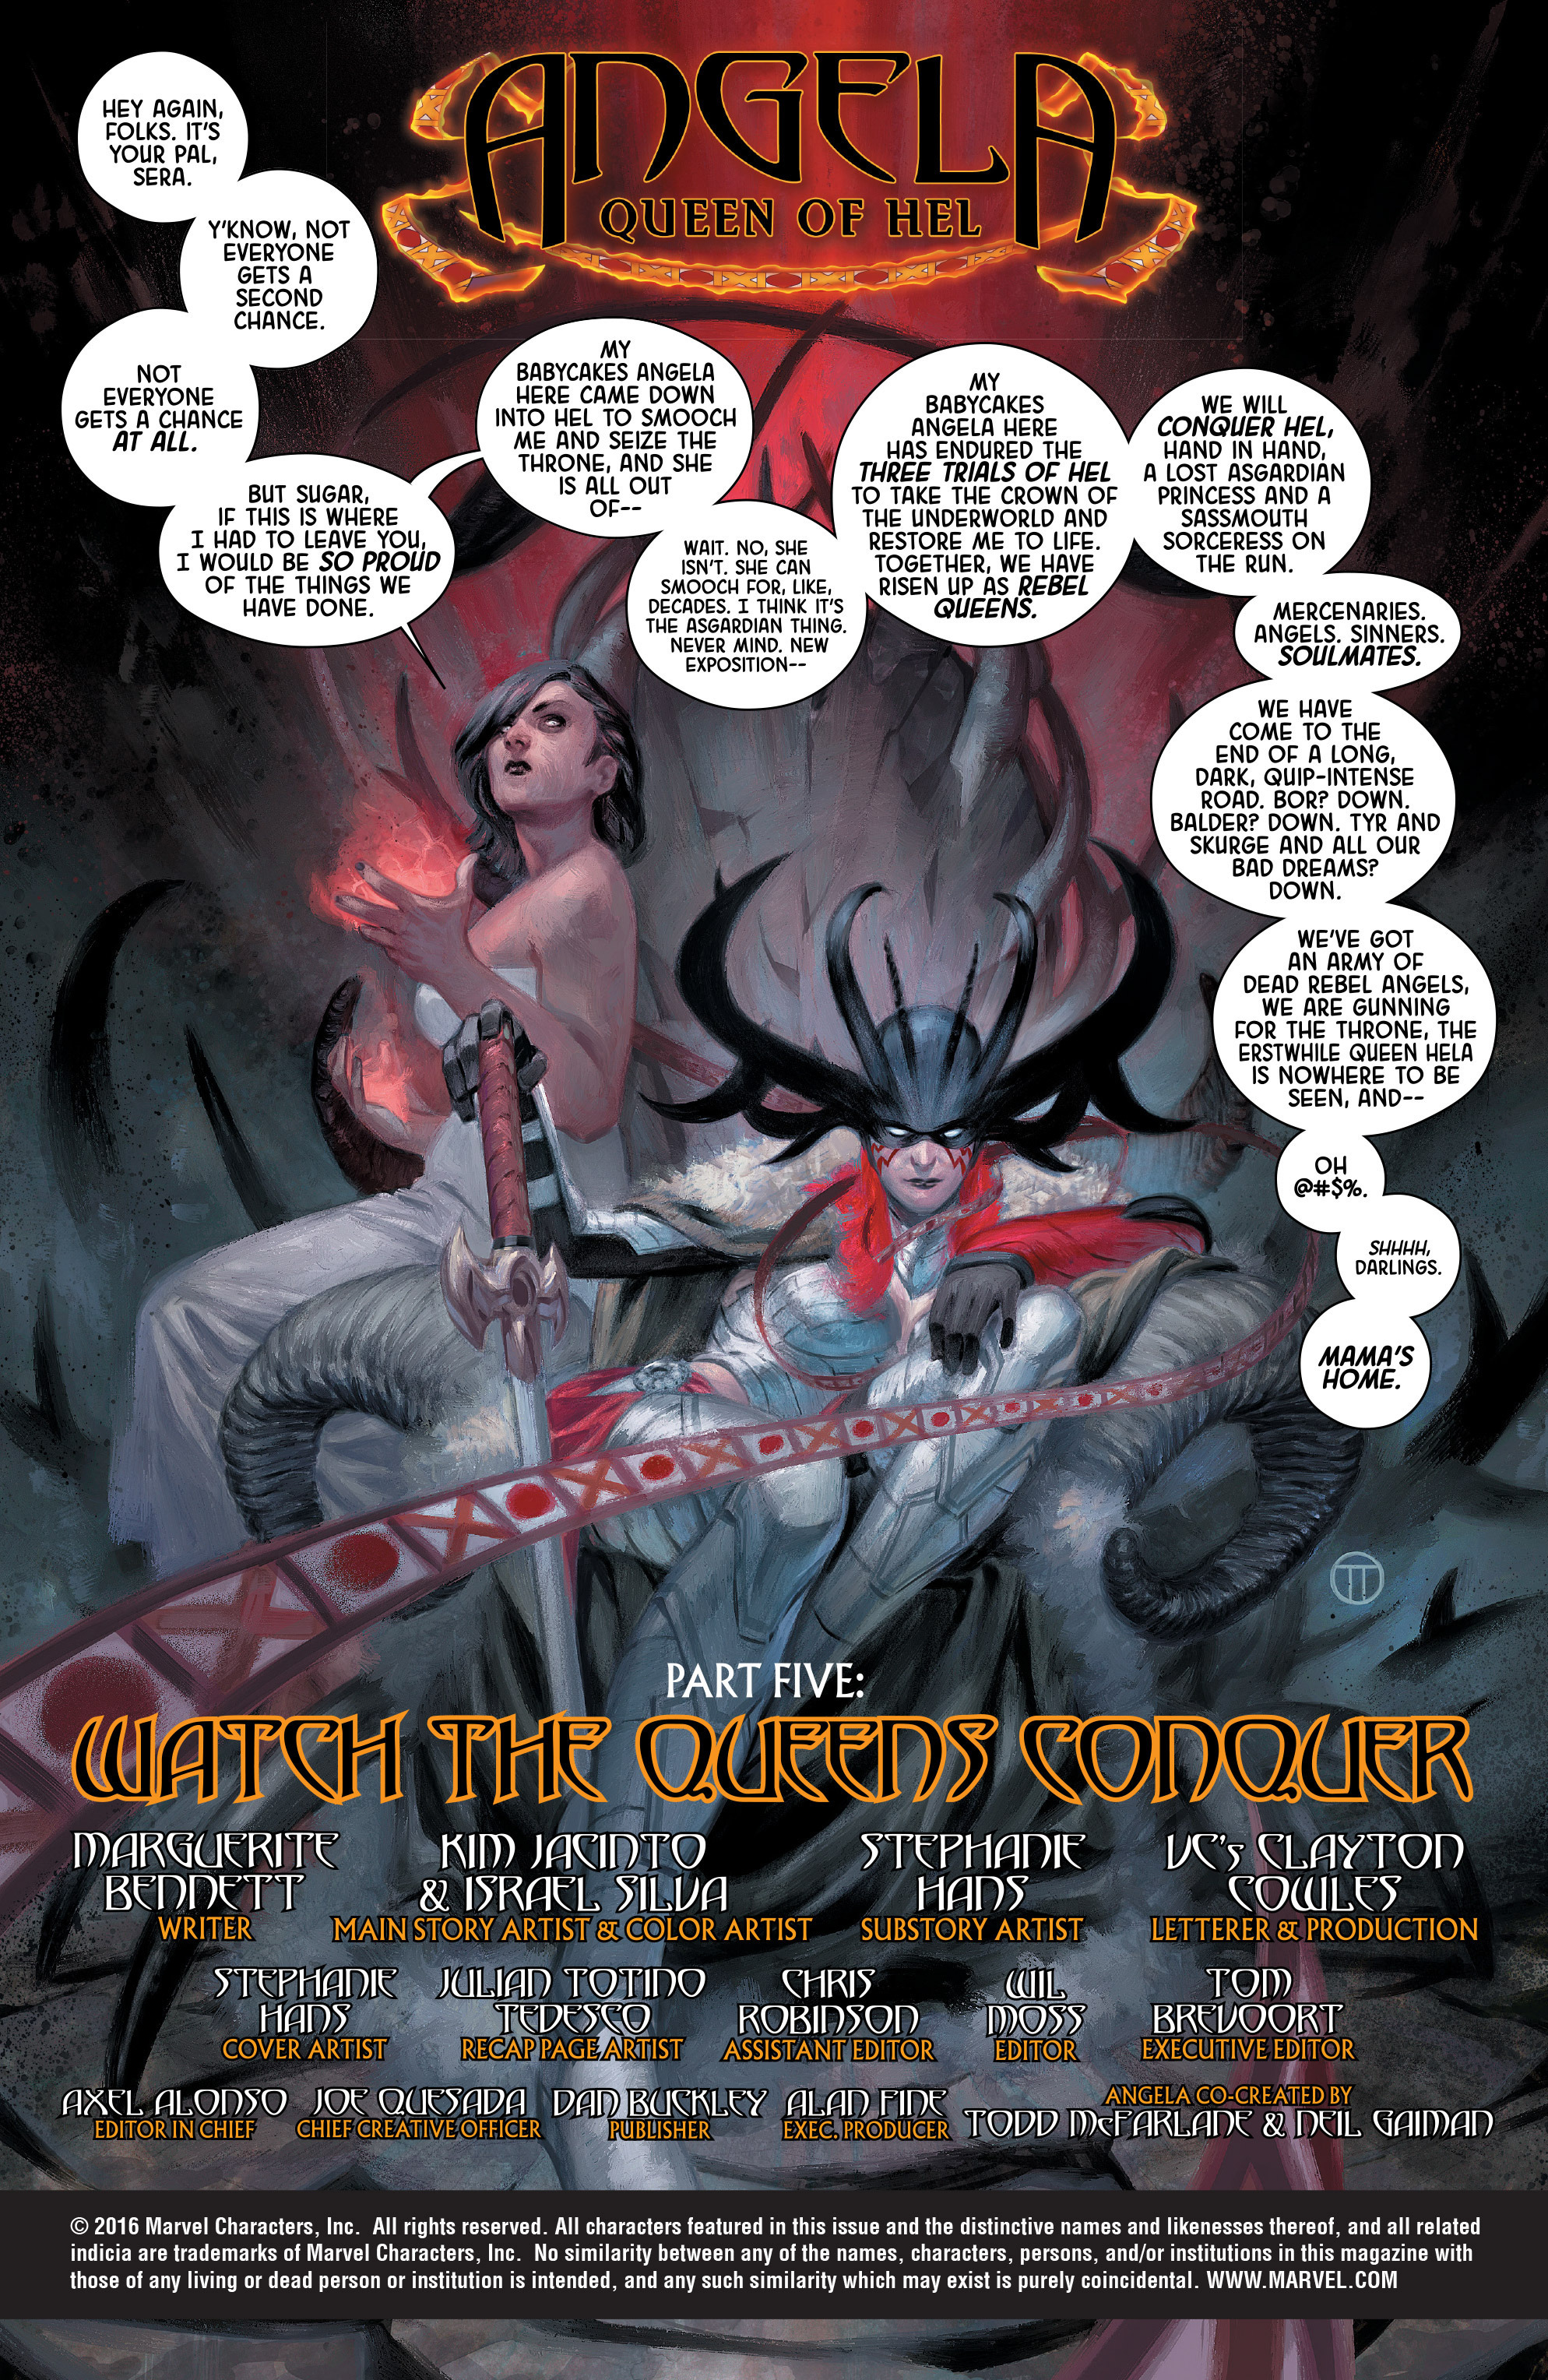 Read online Angela: Queen Of Hel comic -  Issue #5 - 2